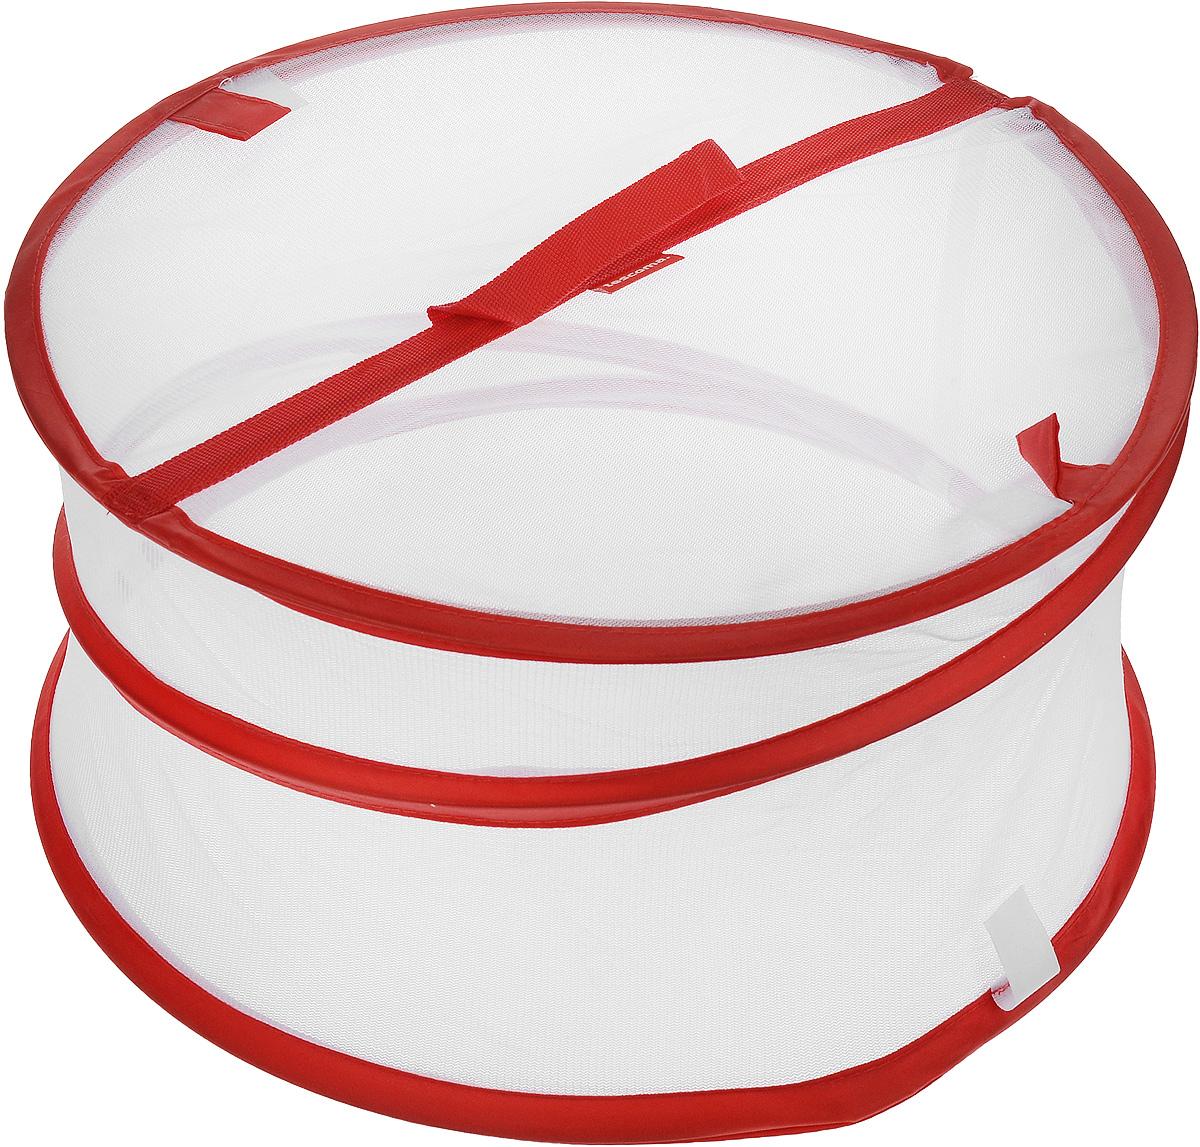 Крышка для пищевых продуктов Tescoma Delicia, складная, цвет: белый, красный, диаметр 35 см630852_красныйКрышка для пищевых продуктов Tescoma Delicia защитит еду от пыли и насекомых дома и на открытом воздухе. Крышка изготовлена из сетчатого текстиля и оснащена гибким металлическим каркасом. Просто составьте посуду с едой и накройте ее крышкой. Для легкого доступа изделие снабжено откидным верхом на липучке. Крышка легко складывается и раскладывается, при хранении занимает минимум пространства. Высота в разложенном виде: 20 см. Высота в сложенном виде: 1 см.